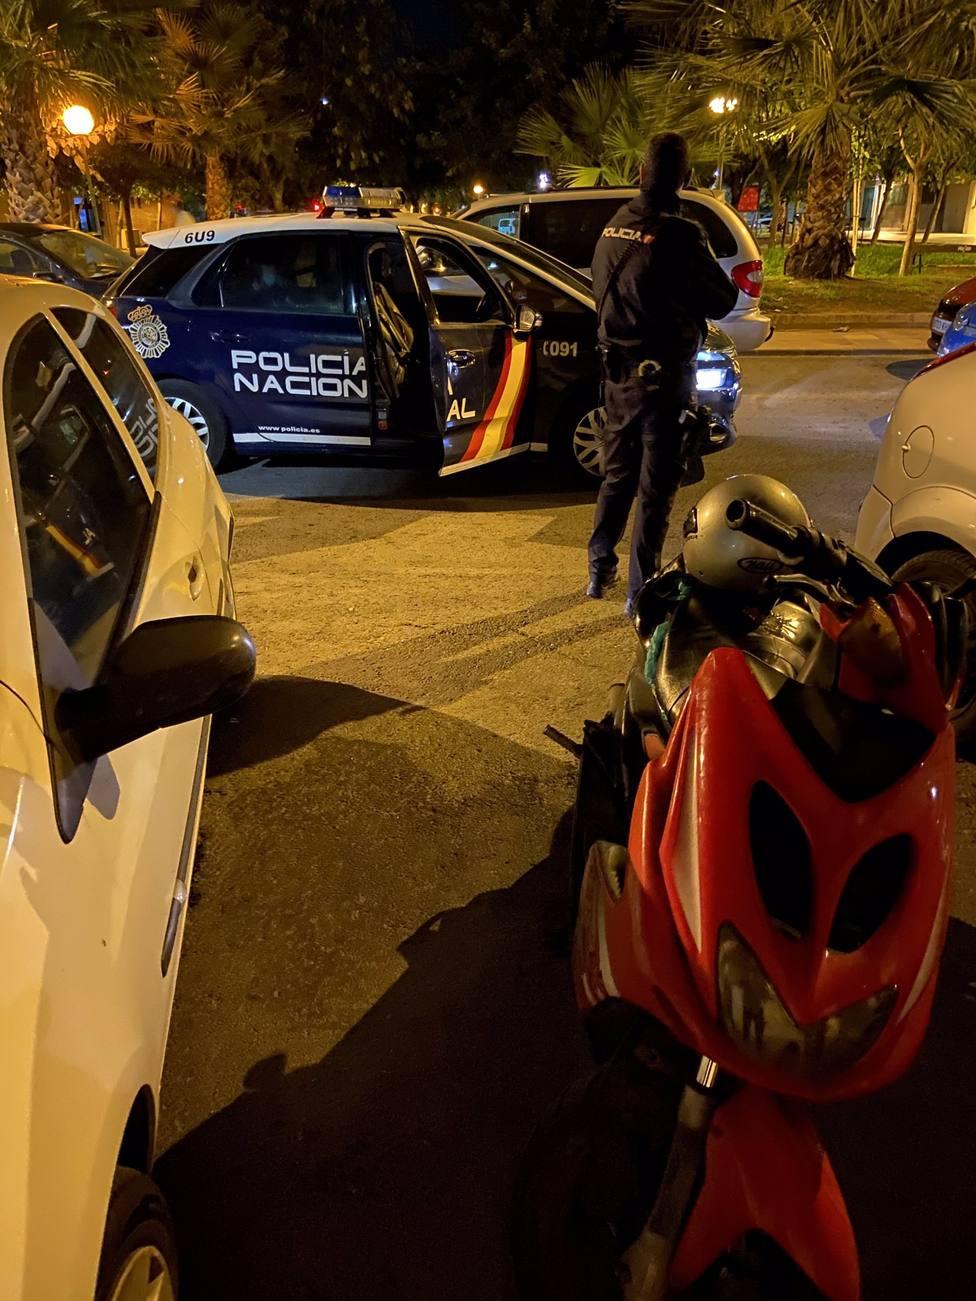 La Policía Nacional detiene dos días consecutivos a la misma persona por robar ciclomotores